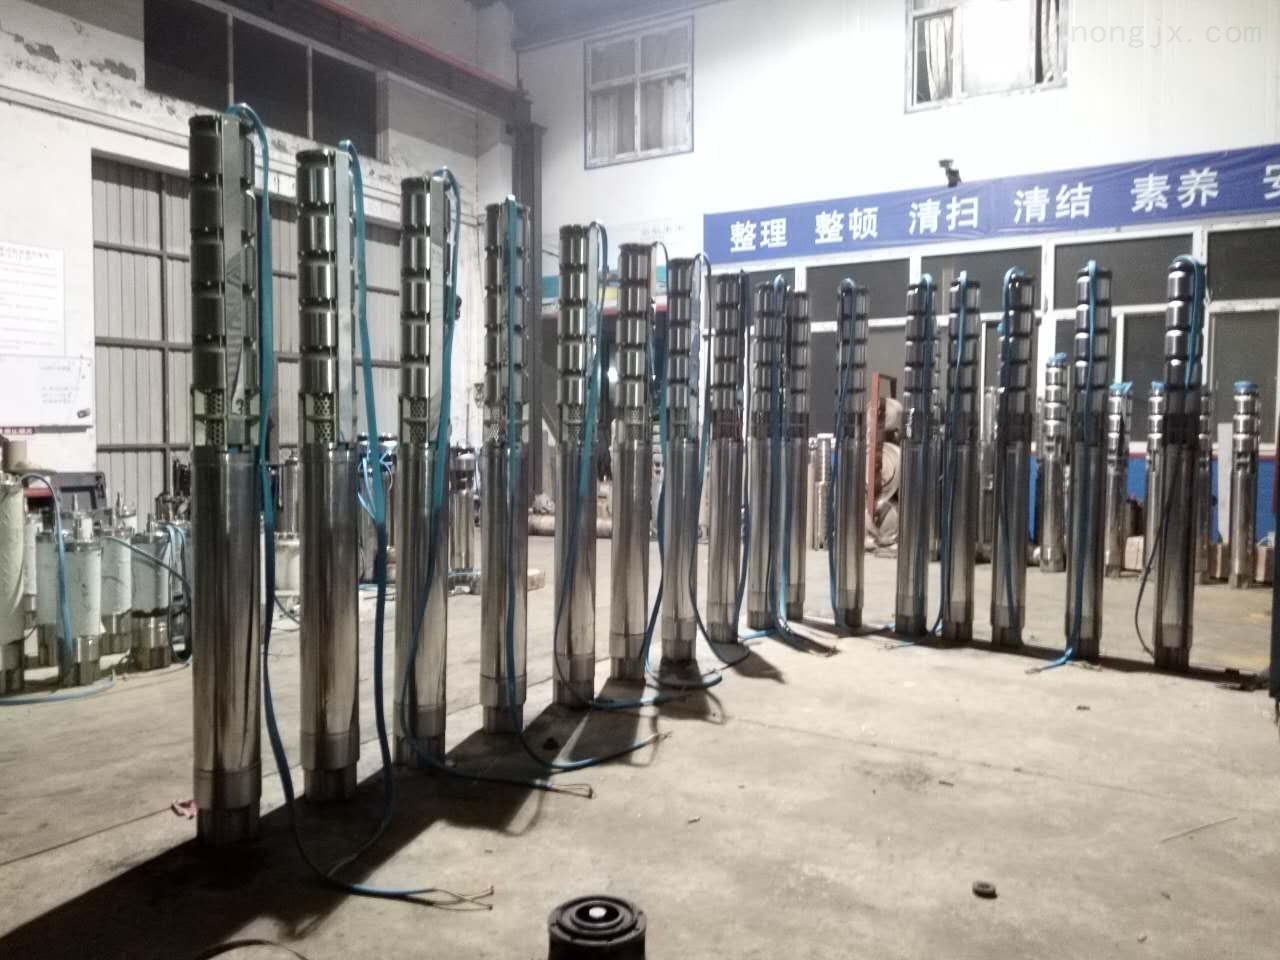 不锈钢铸铁深井泵供应商家天津雨辰泵业